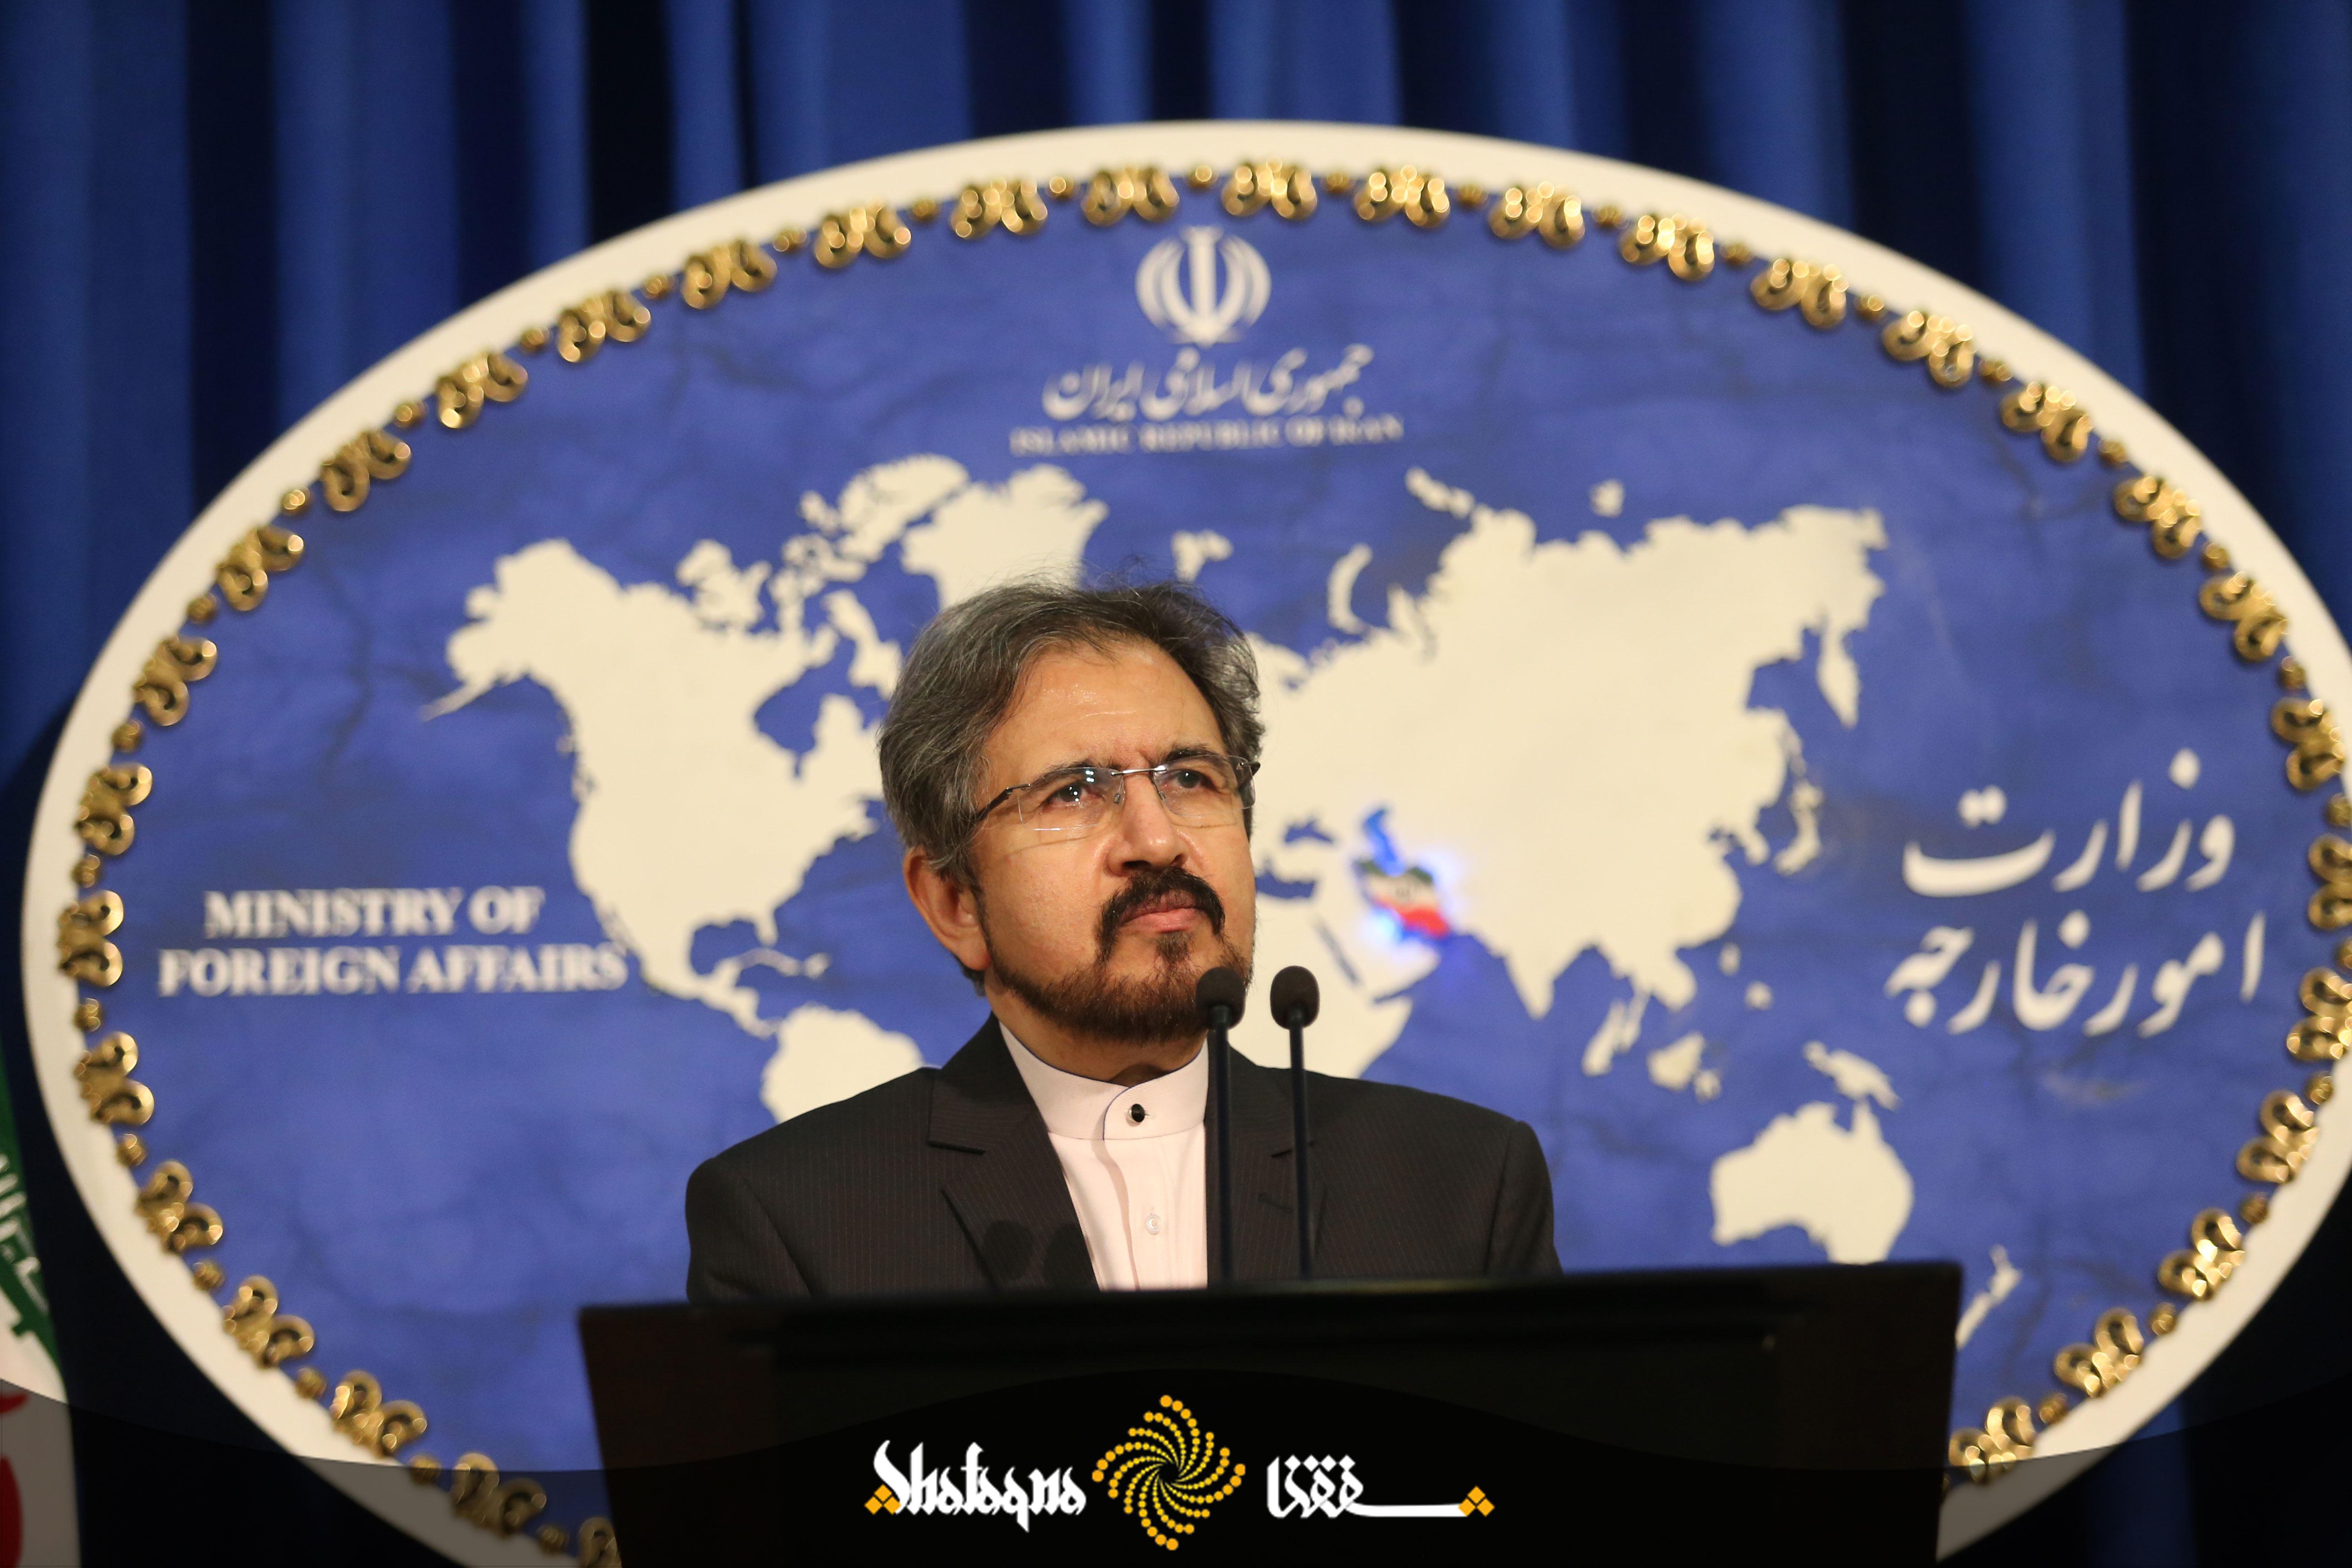 واکنش ایران به بیانیه پایانی اجلاس سران شورای همکاری خلیج فارس